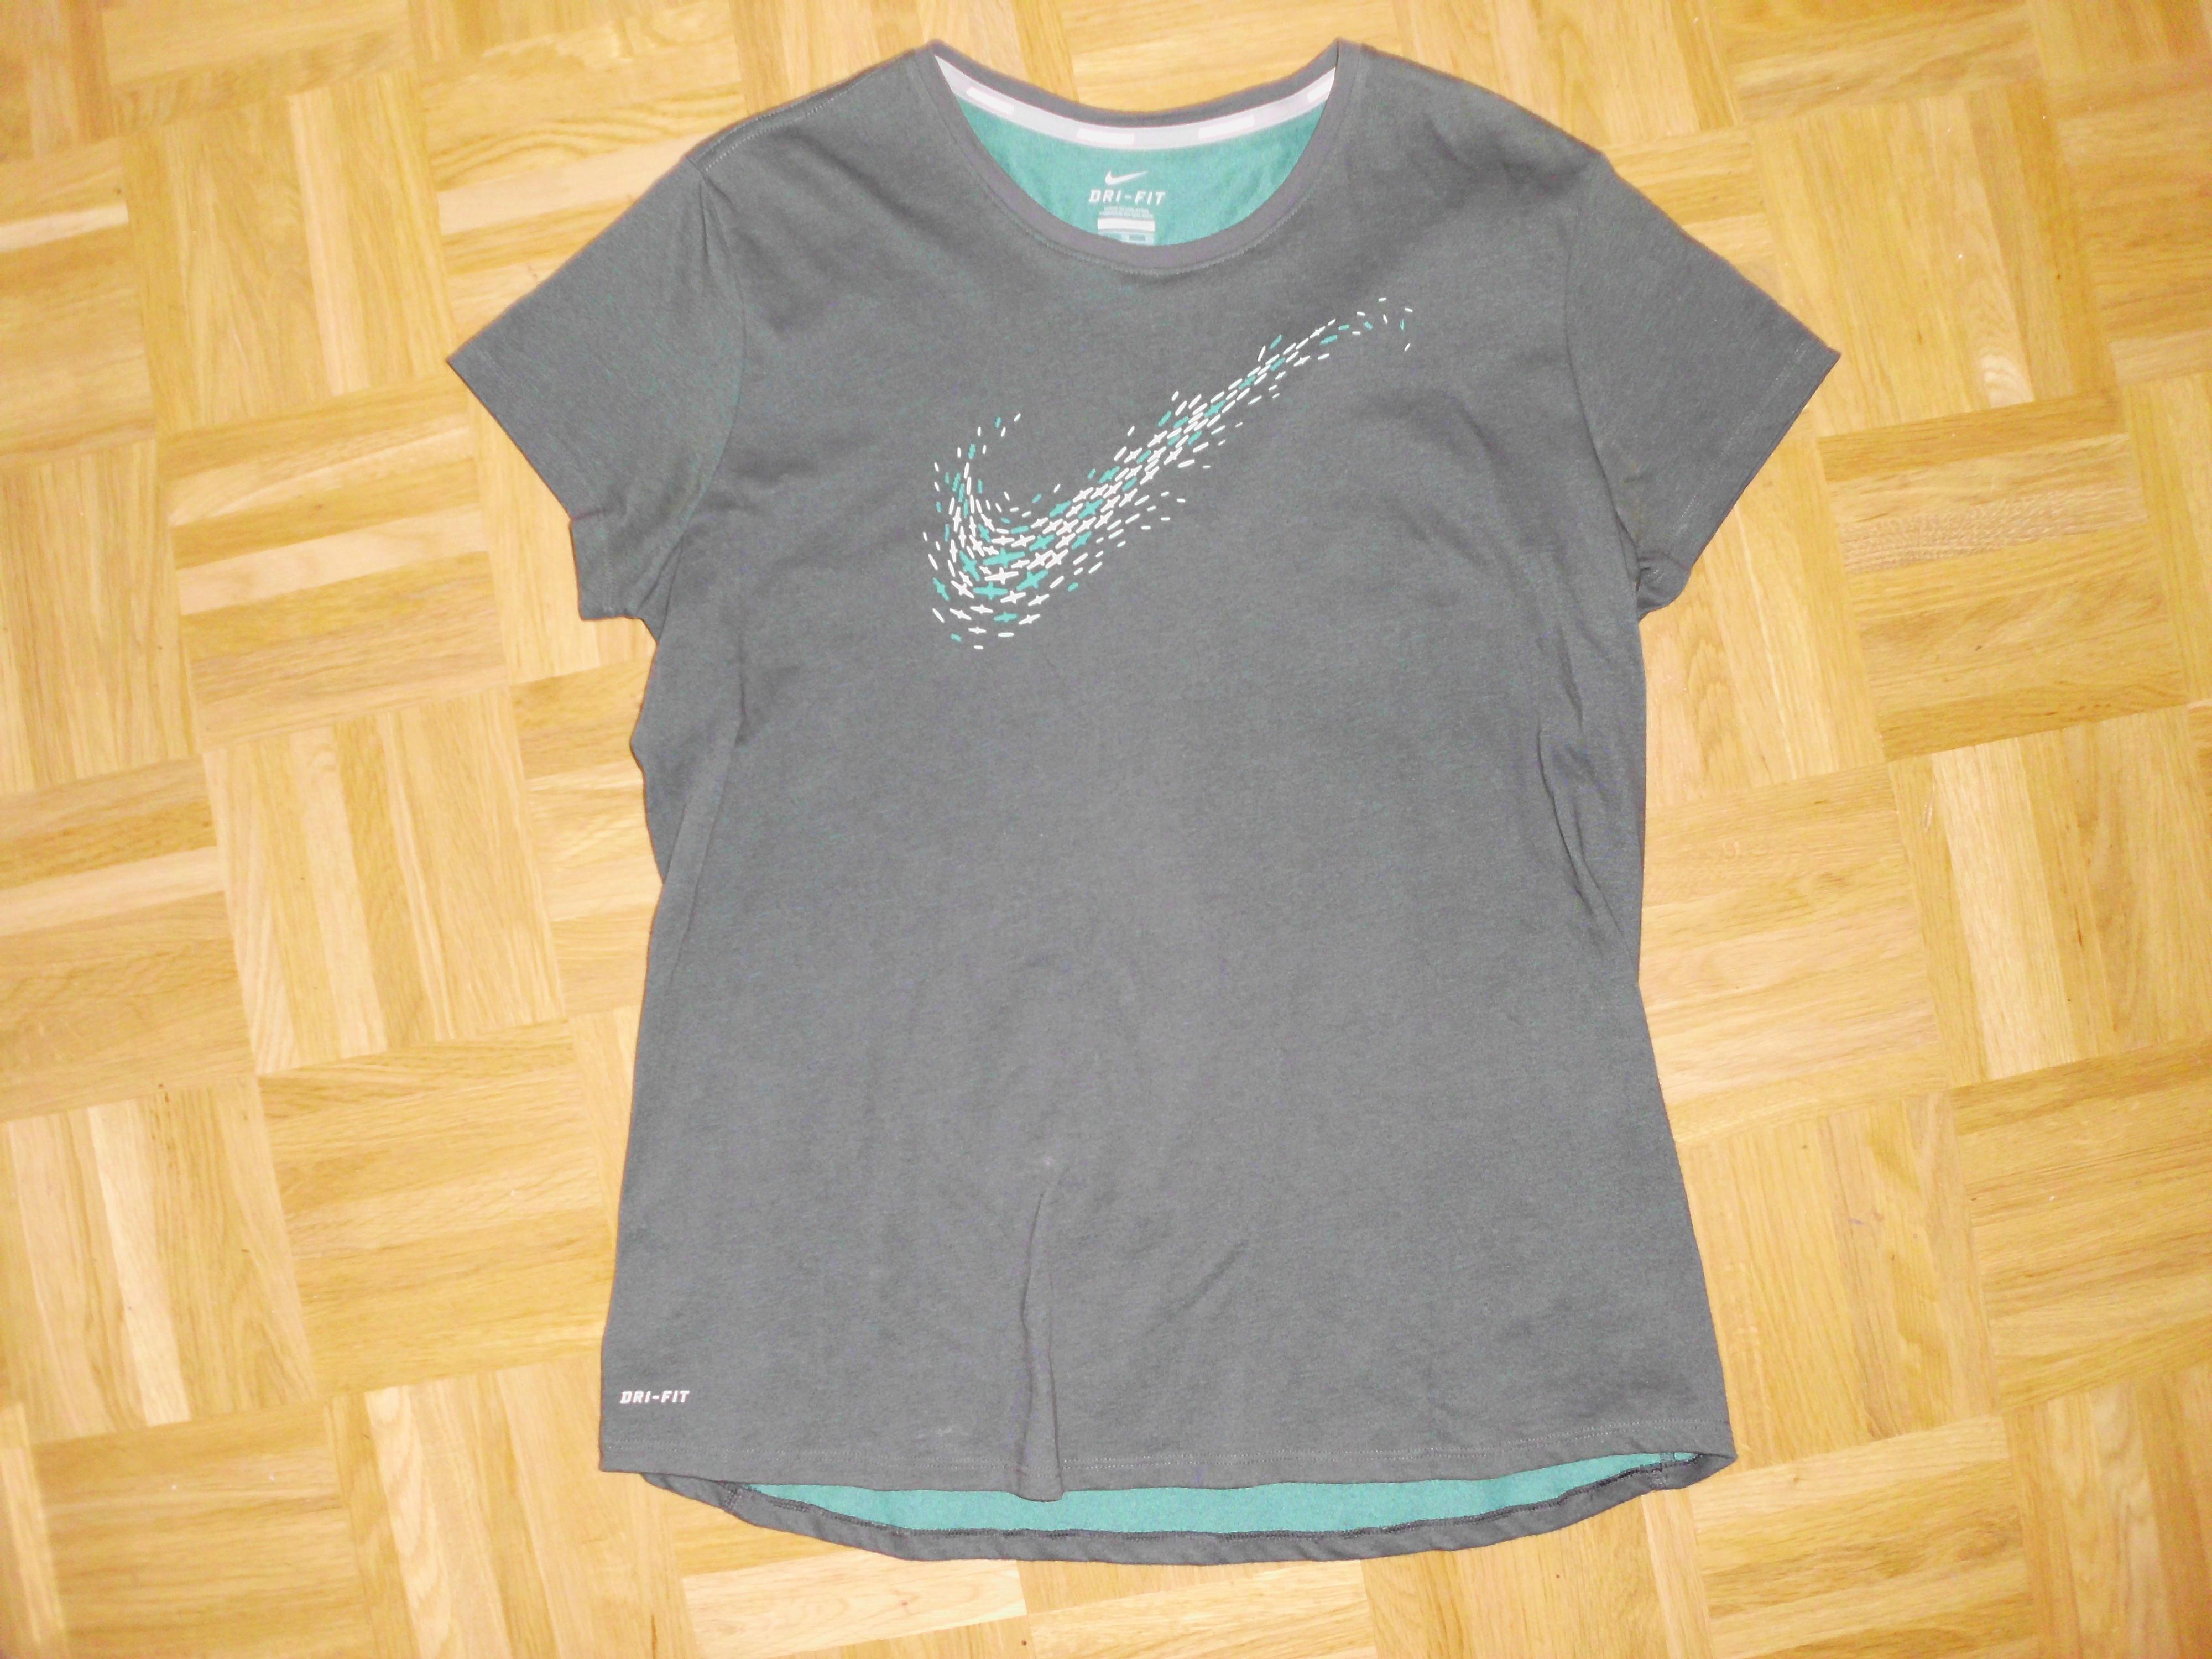 Baby-Schlafanzug 74 Spiel-Anzug ideal f/ür Freizeit oder Strand 62 80 Disney Minnie Mouse M/ädchen Baby-Set 2-teilig in GR/ÖSSE 56 T-Shirt KURZ/ÄRMLIG mit Langer Hose 68